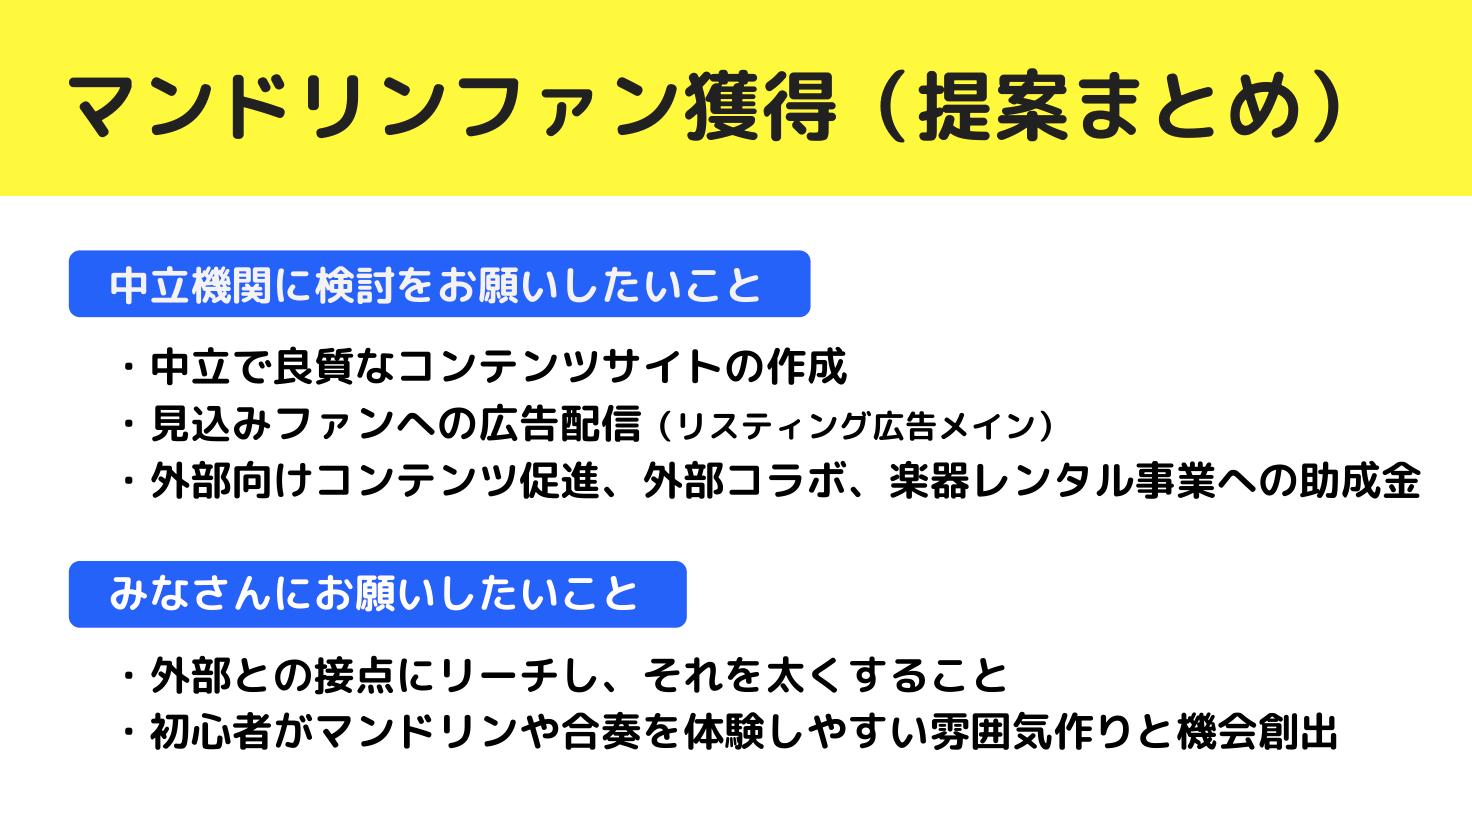 マンドリンの未来を考える会(ファン新規獲得)